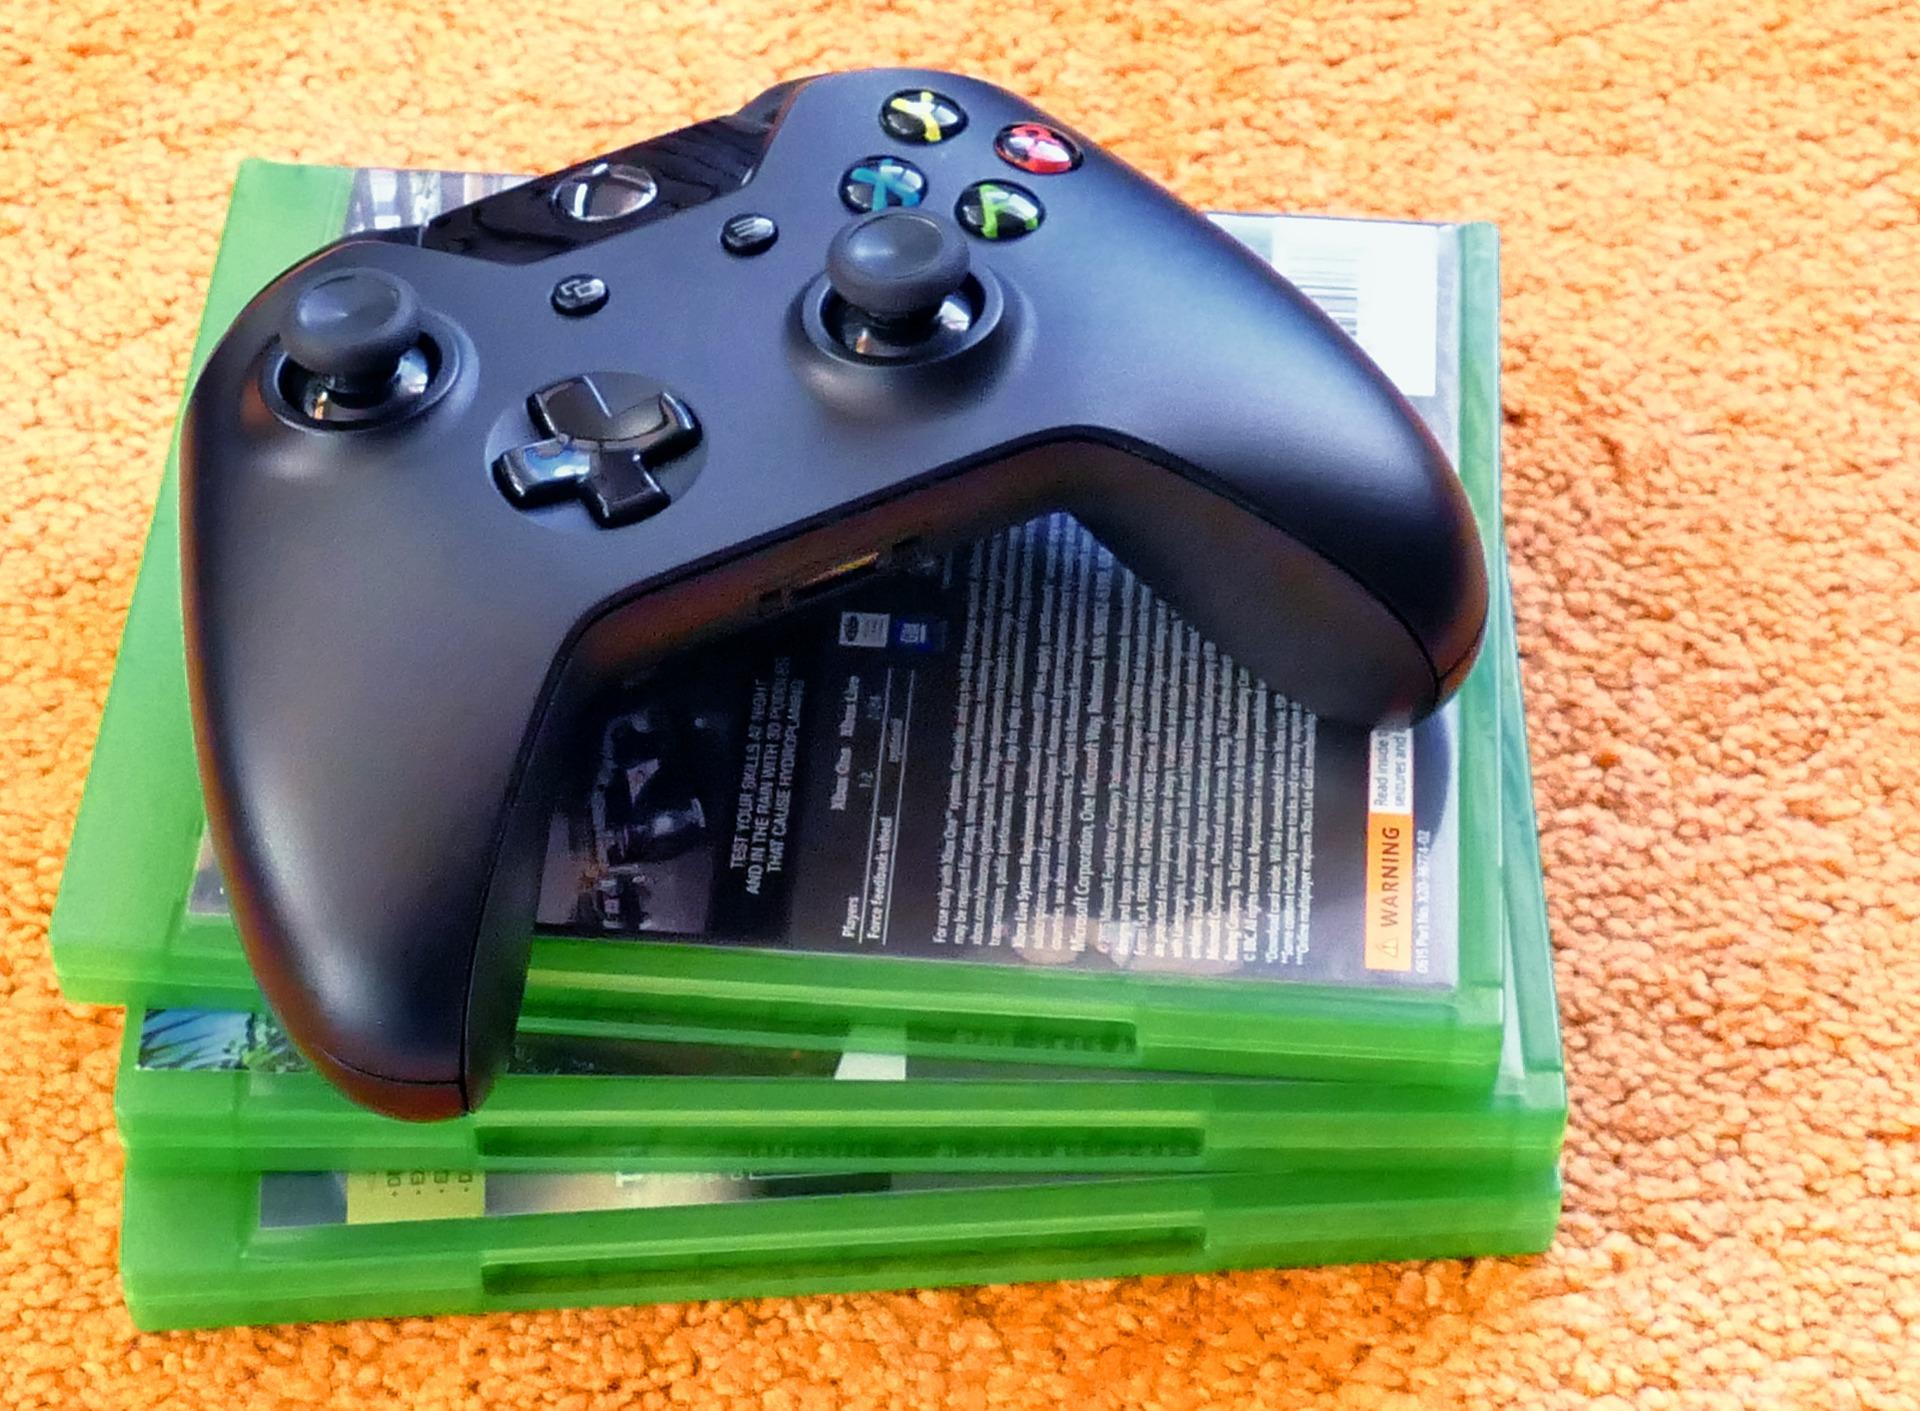 Xbox One oppdatering er underveis. Får vi den før E3 tro?